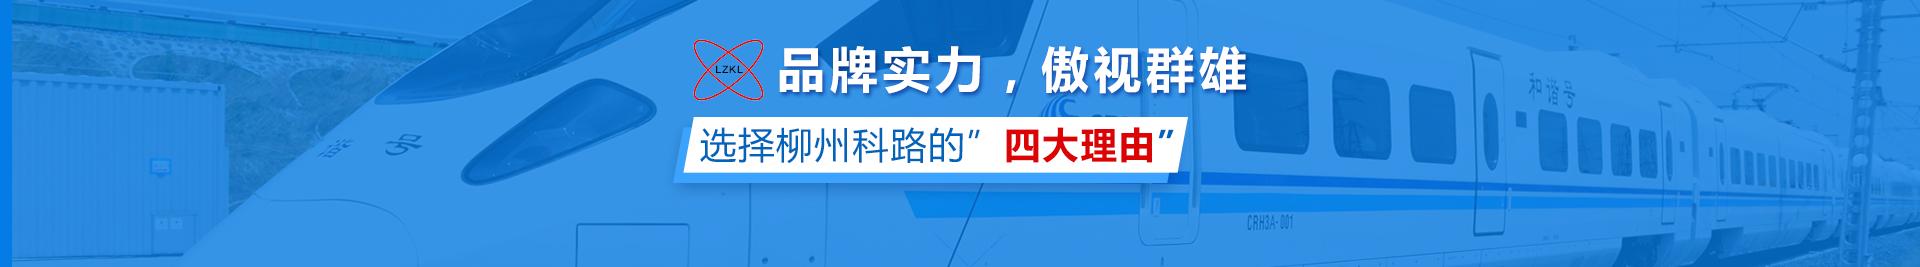 万博app官方万博manbetx客户端3.0